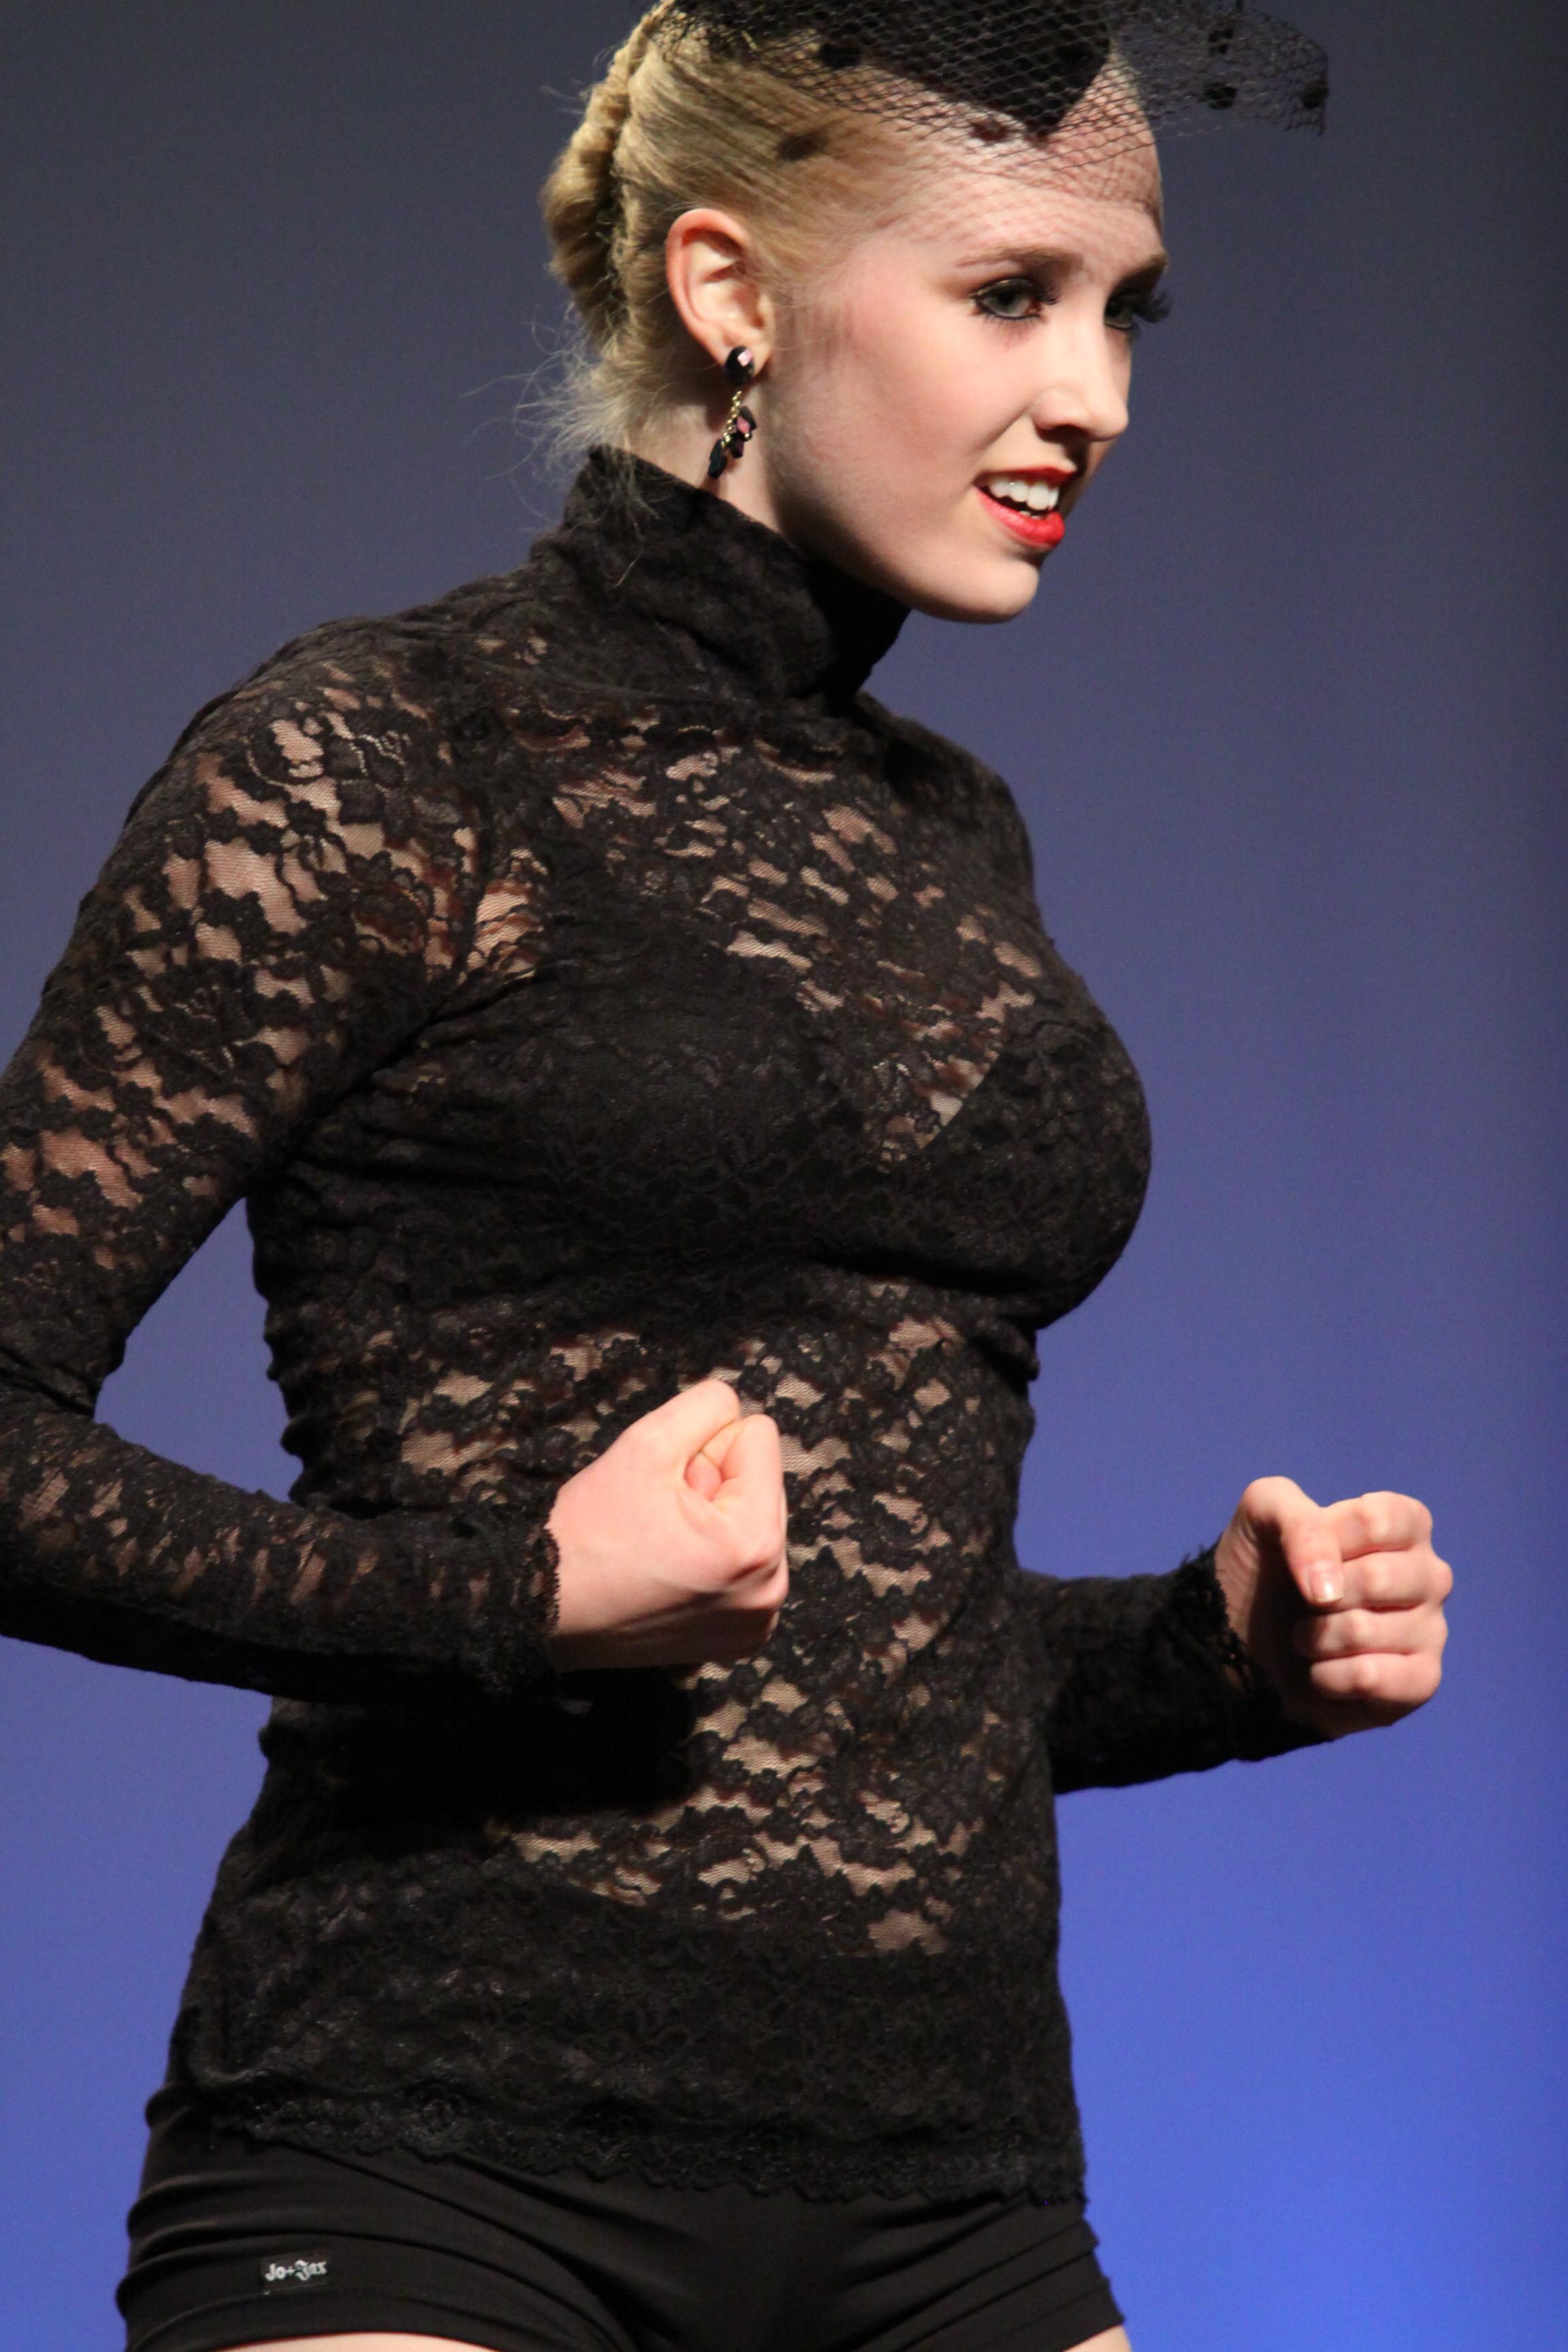 2011 - Alyssa Ness from Northland School of Dance